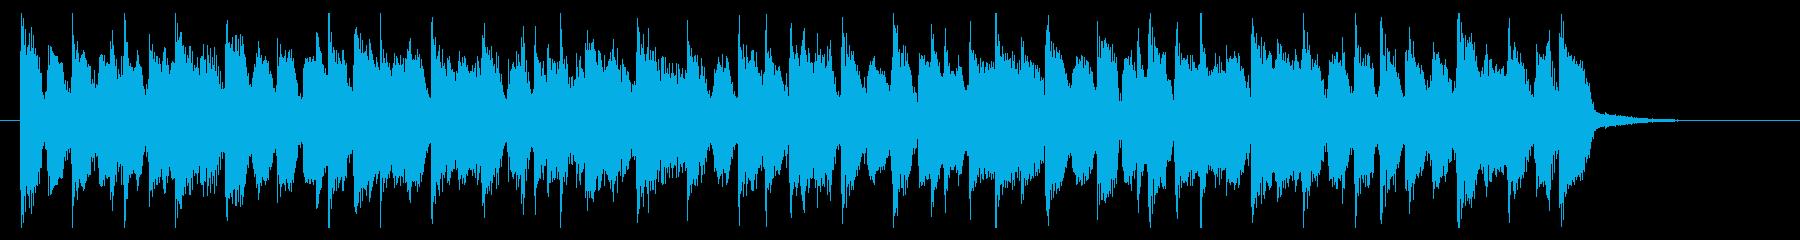 明るいサックスメロのポップなジングルの再生済みの波形